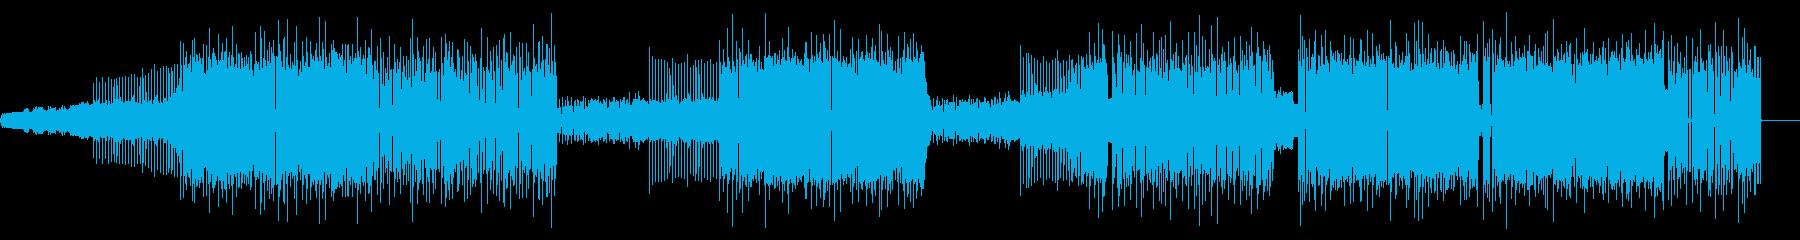 現代的×8bit風サウンド!爽快で切ないの再生済みの波形